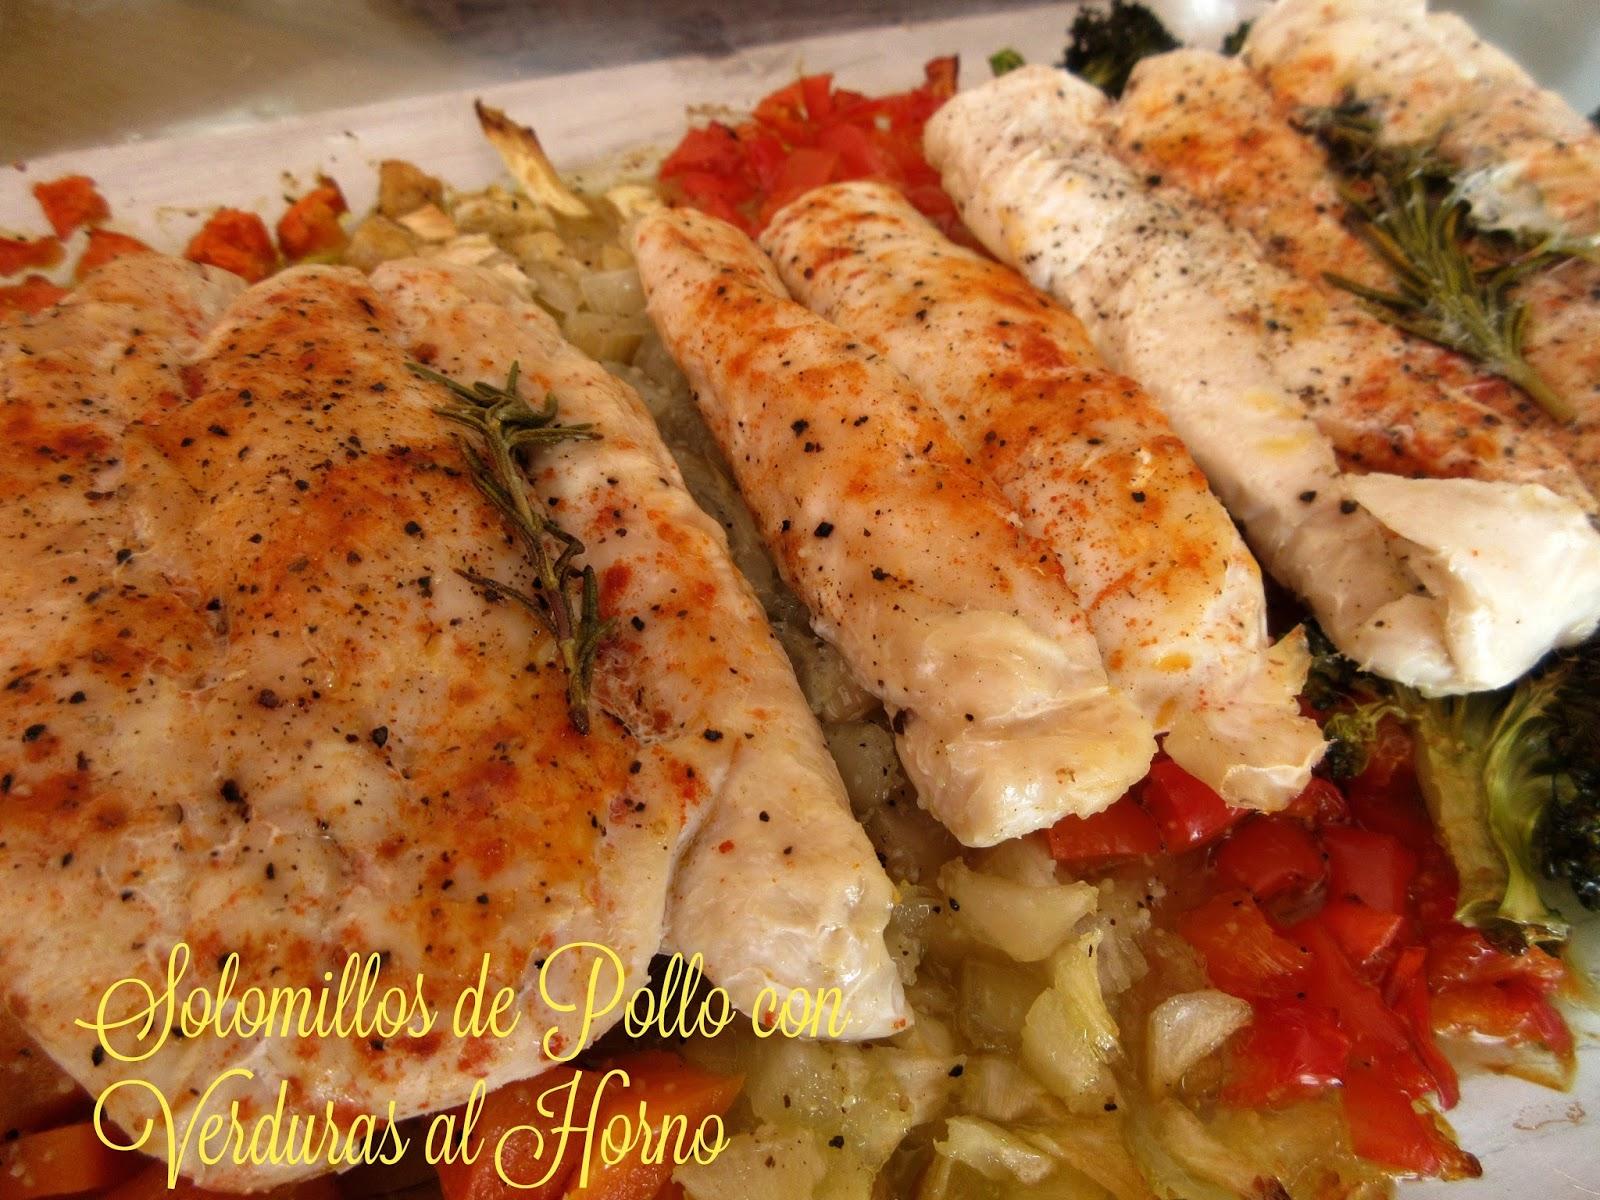 Solomillos de pollo al horno con verduras cocina con reina for Que cocinar con verduras